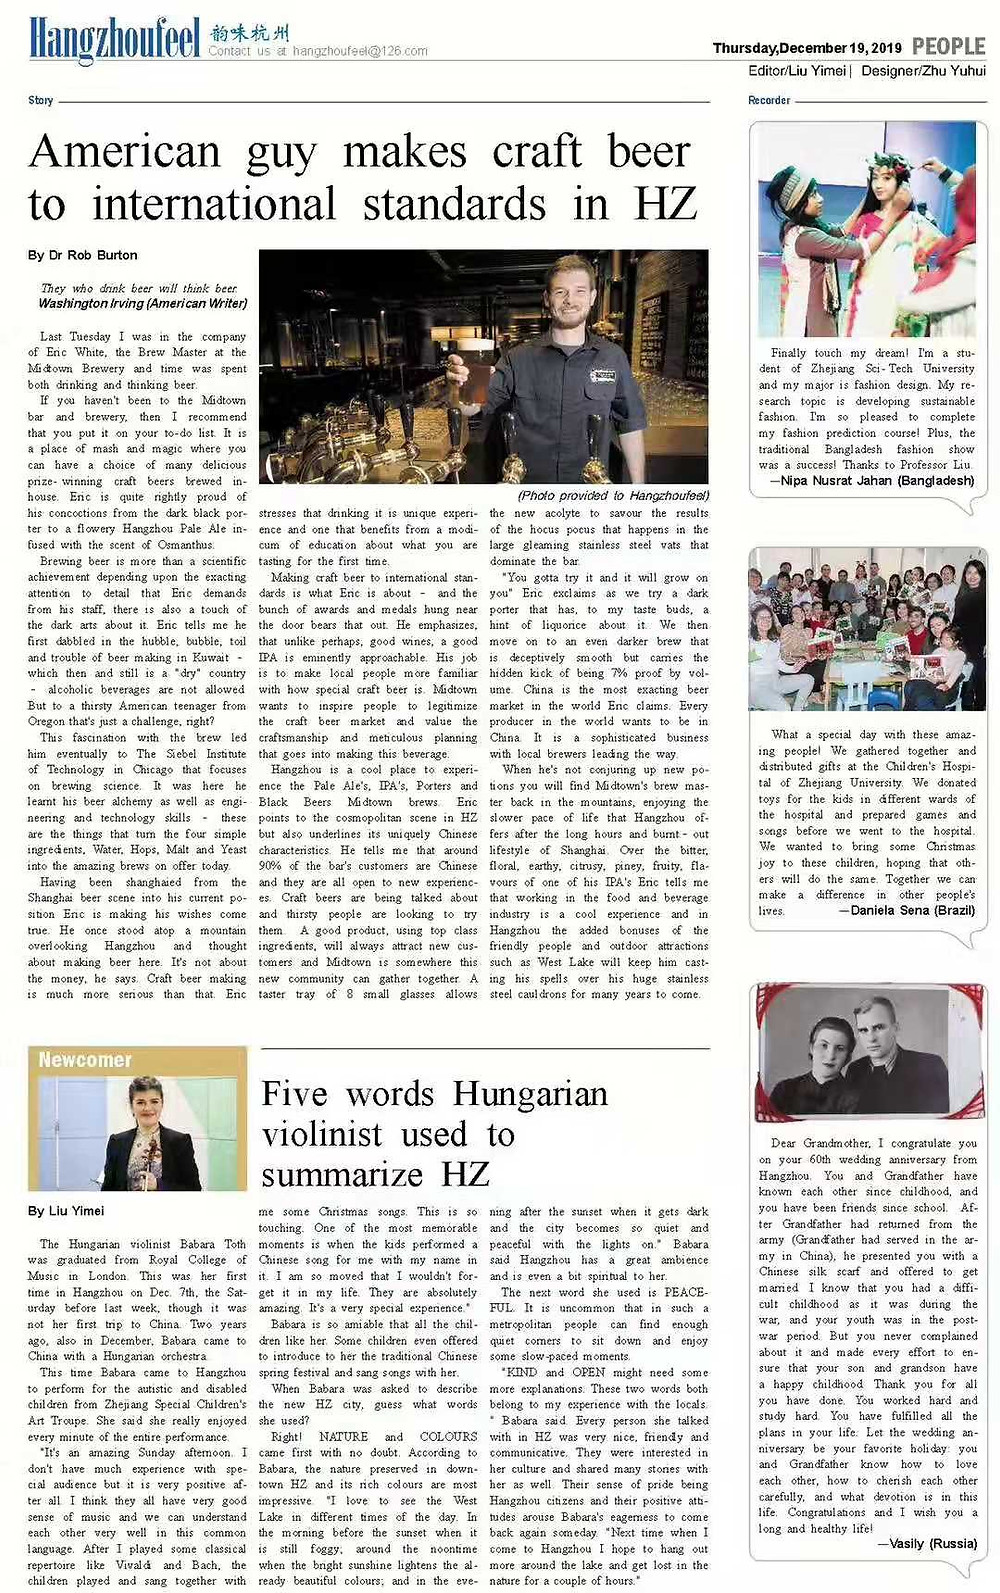 Hangzhoufeel article